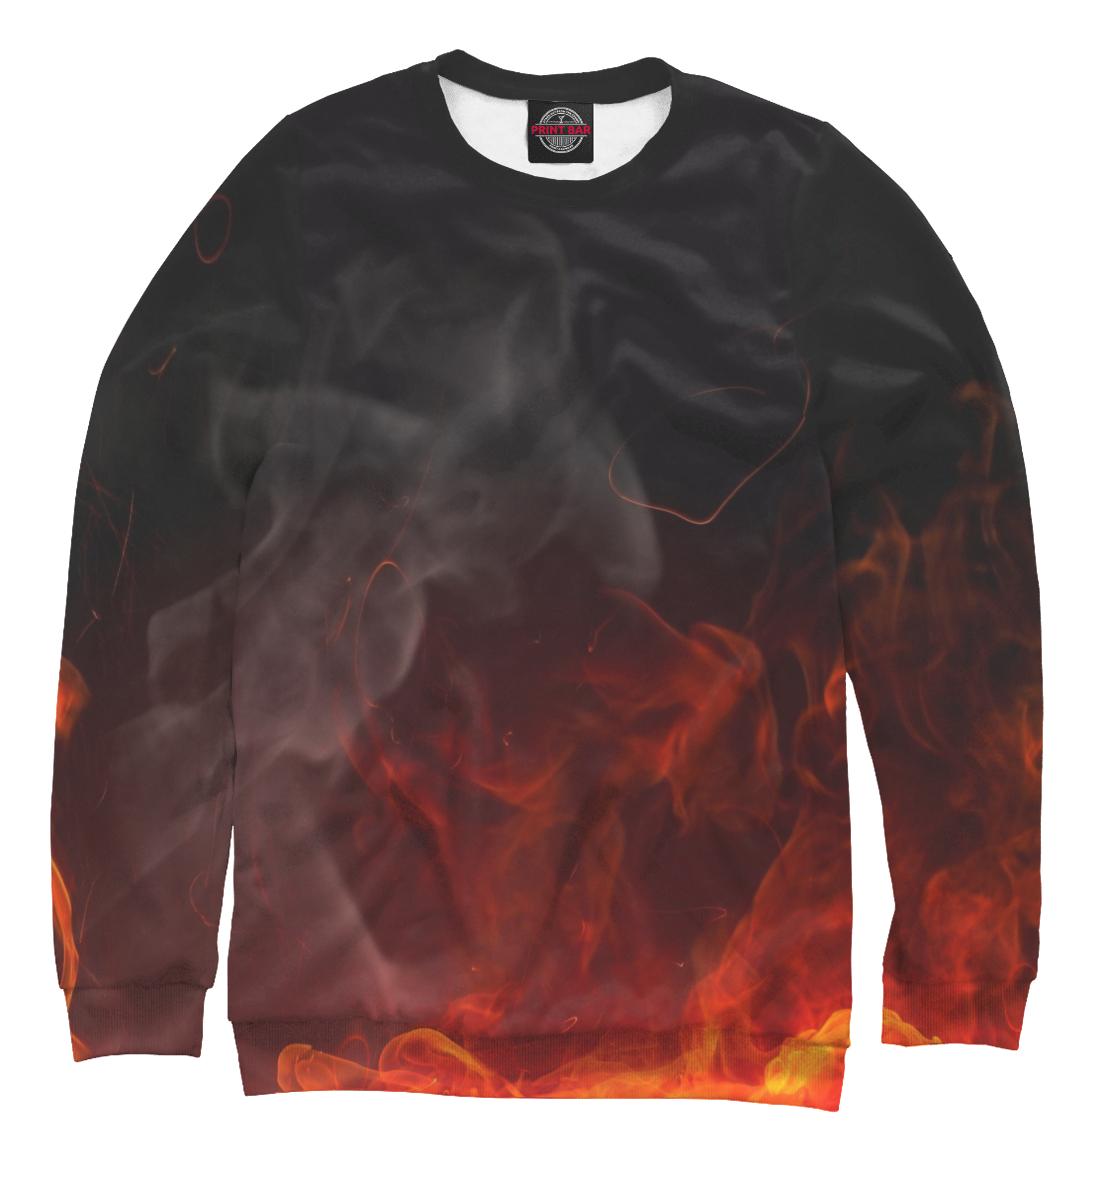 Купить Дым, Printbar, Свитшоты, STI-445199-swi-1